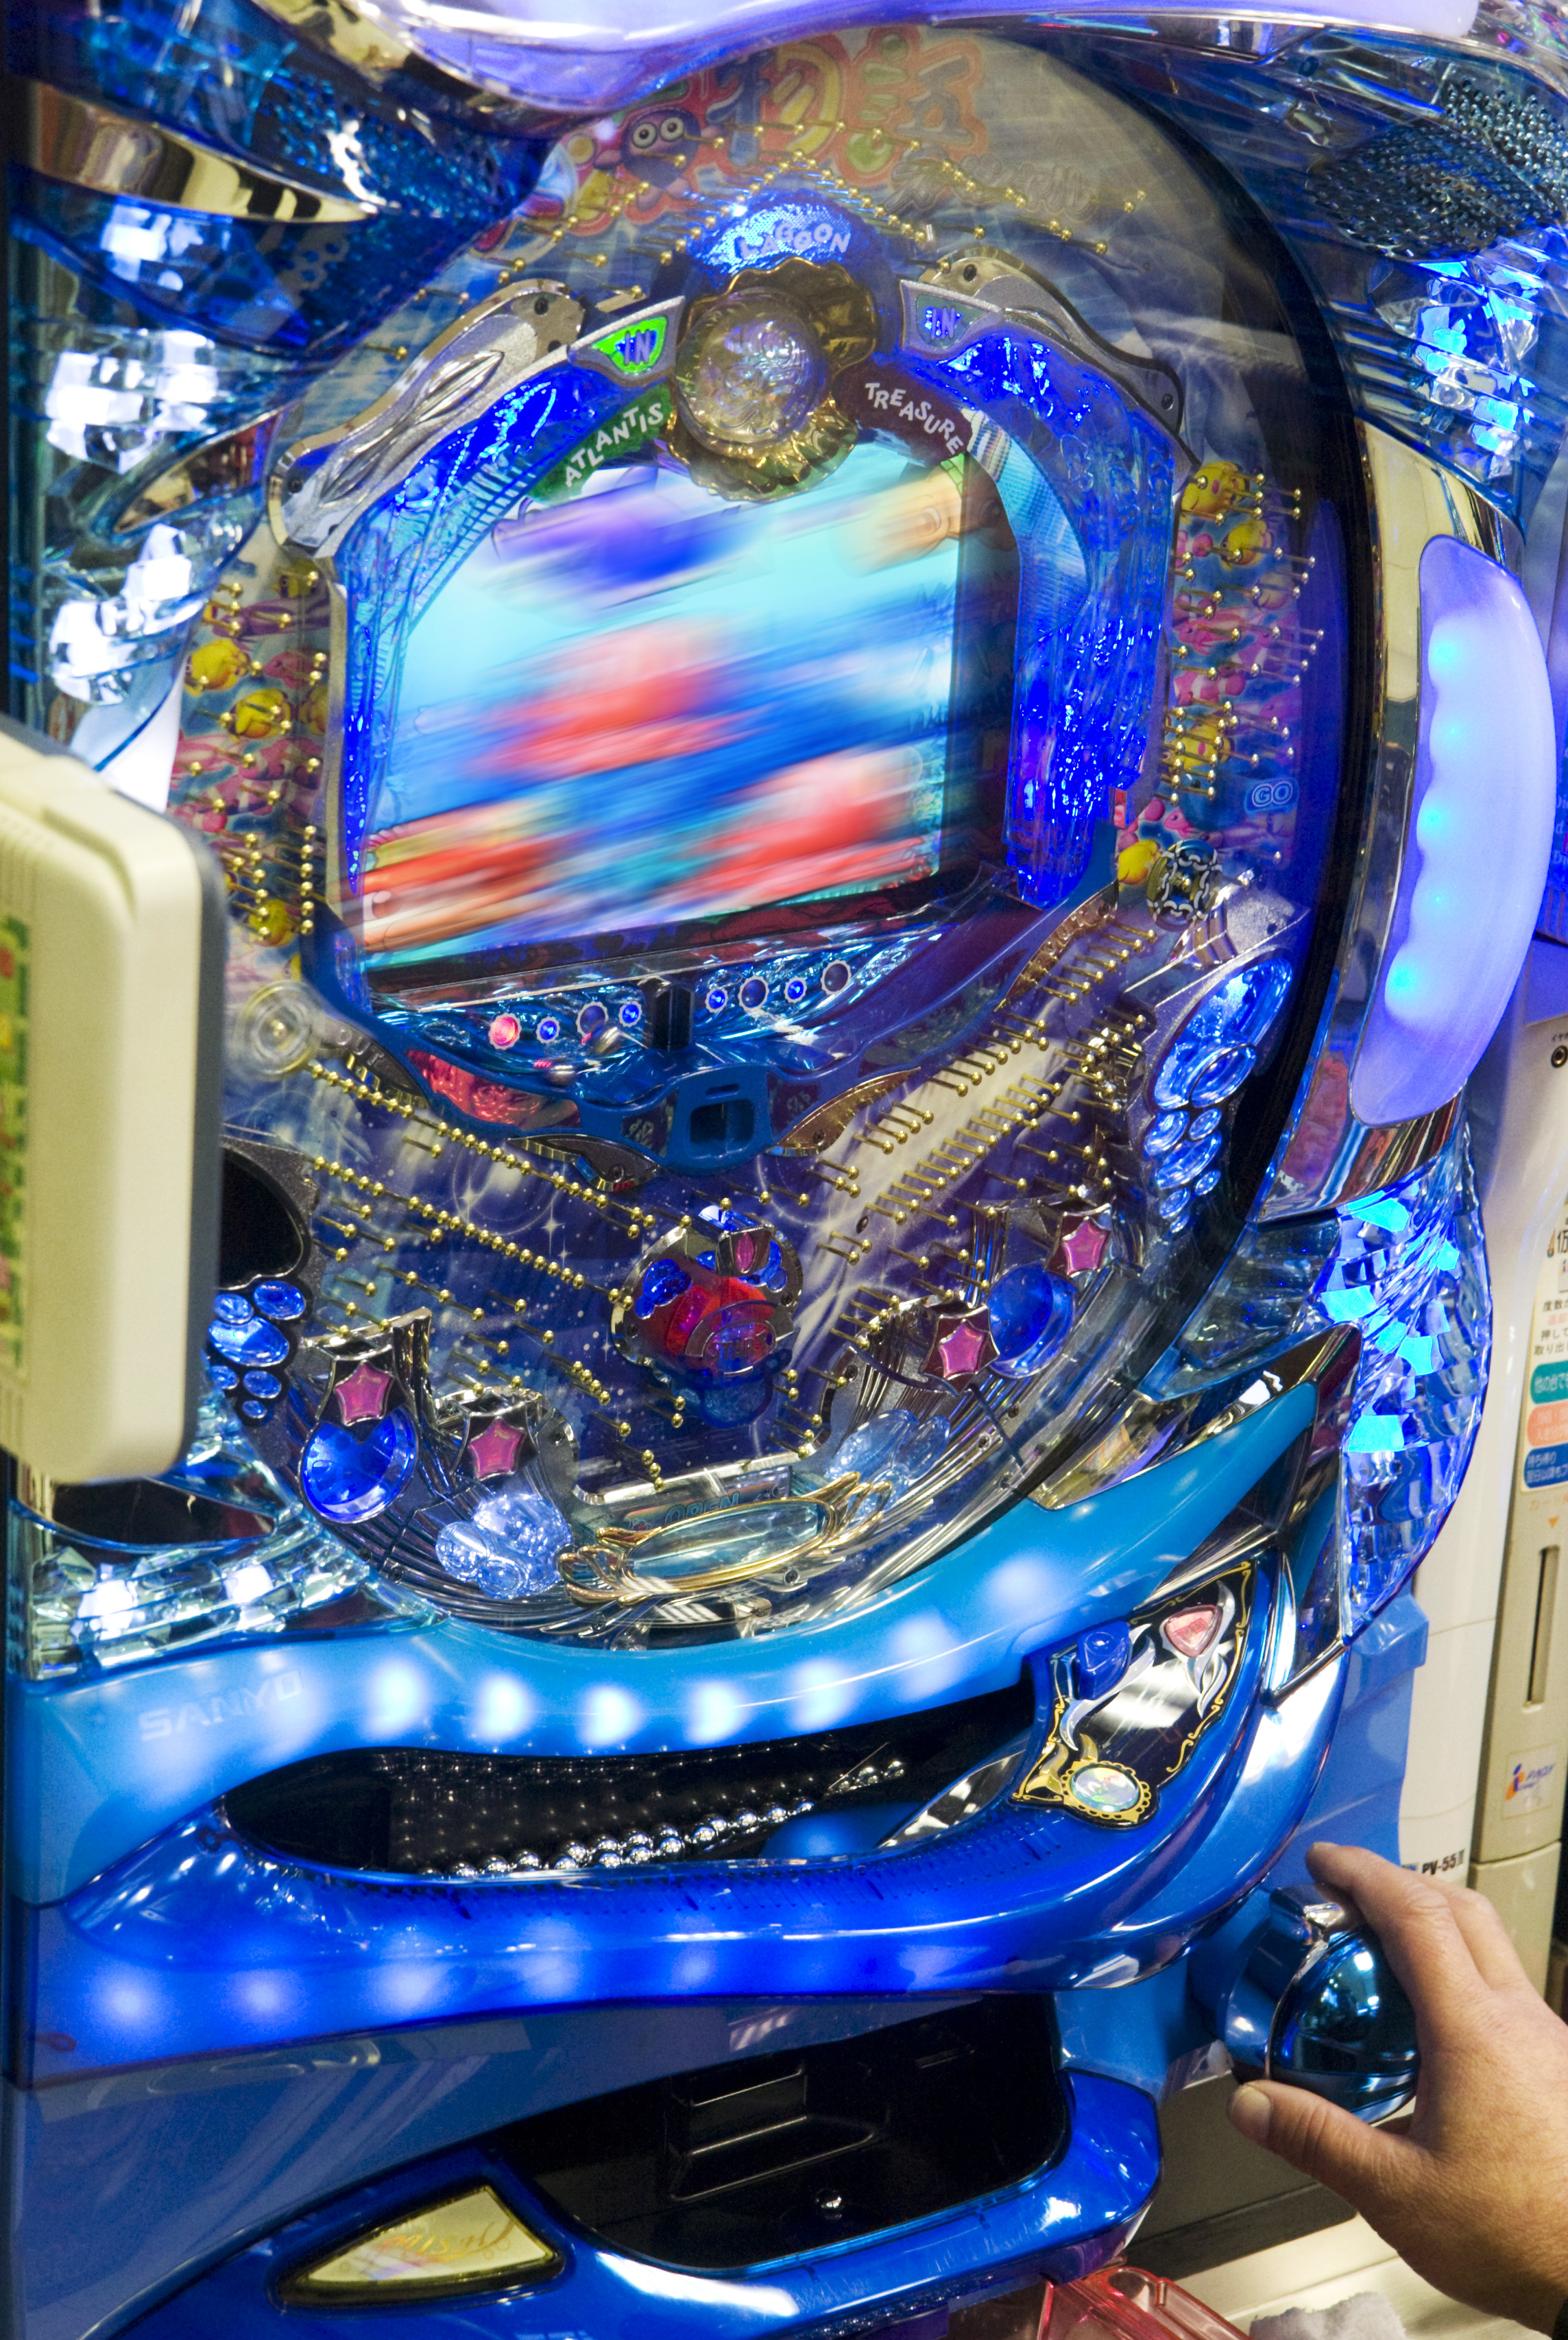 http://upload.wikimedia.org/wikipedia/commons/7/70/Pachinko_machine,_Tokyo_(screen_blurred).jpg